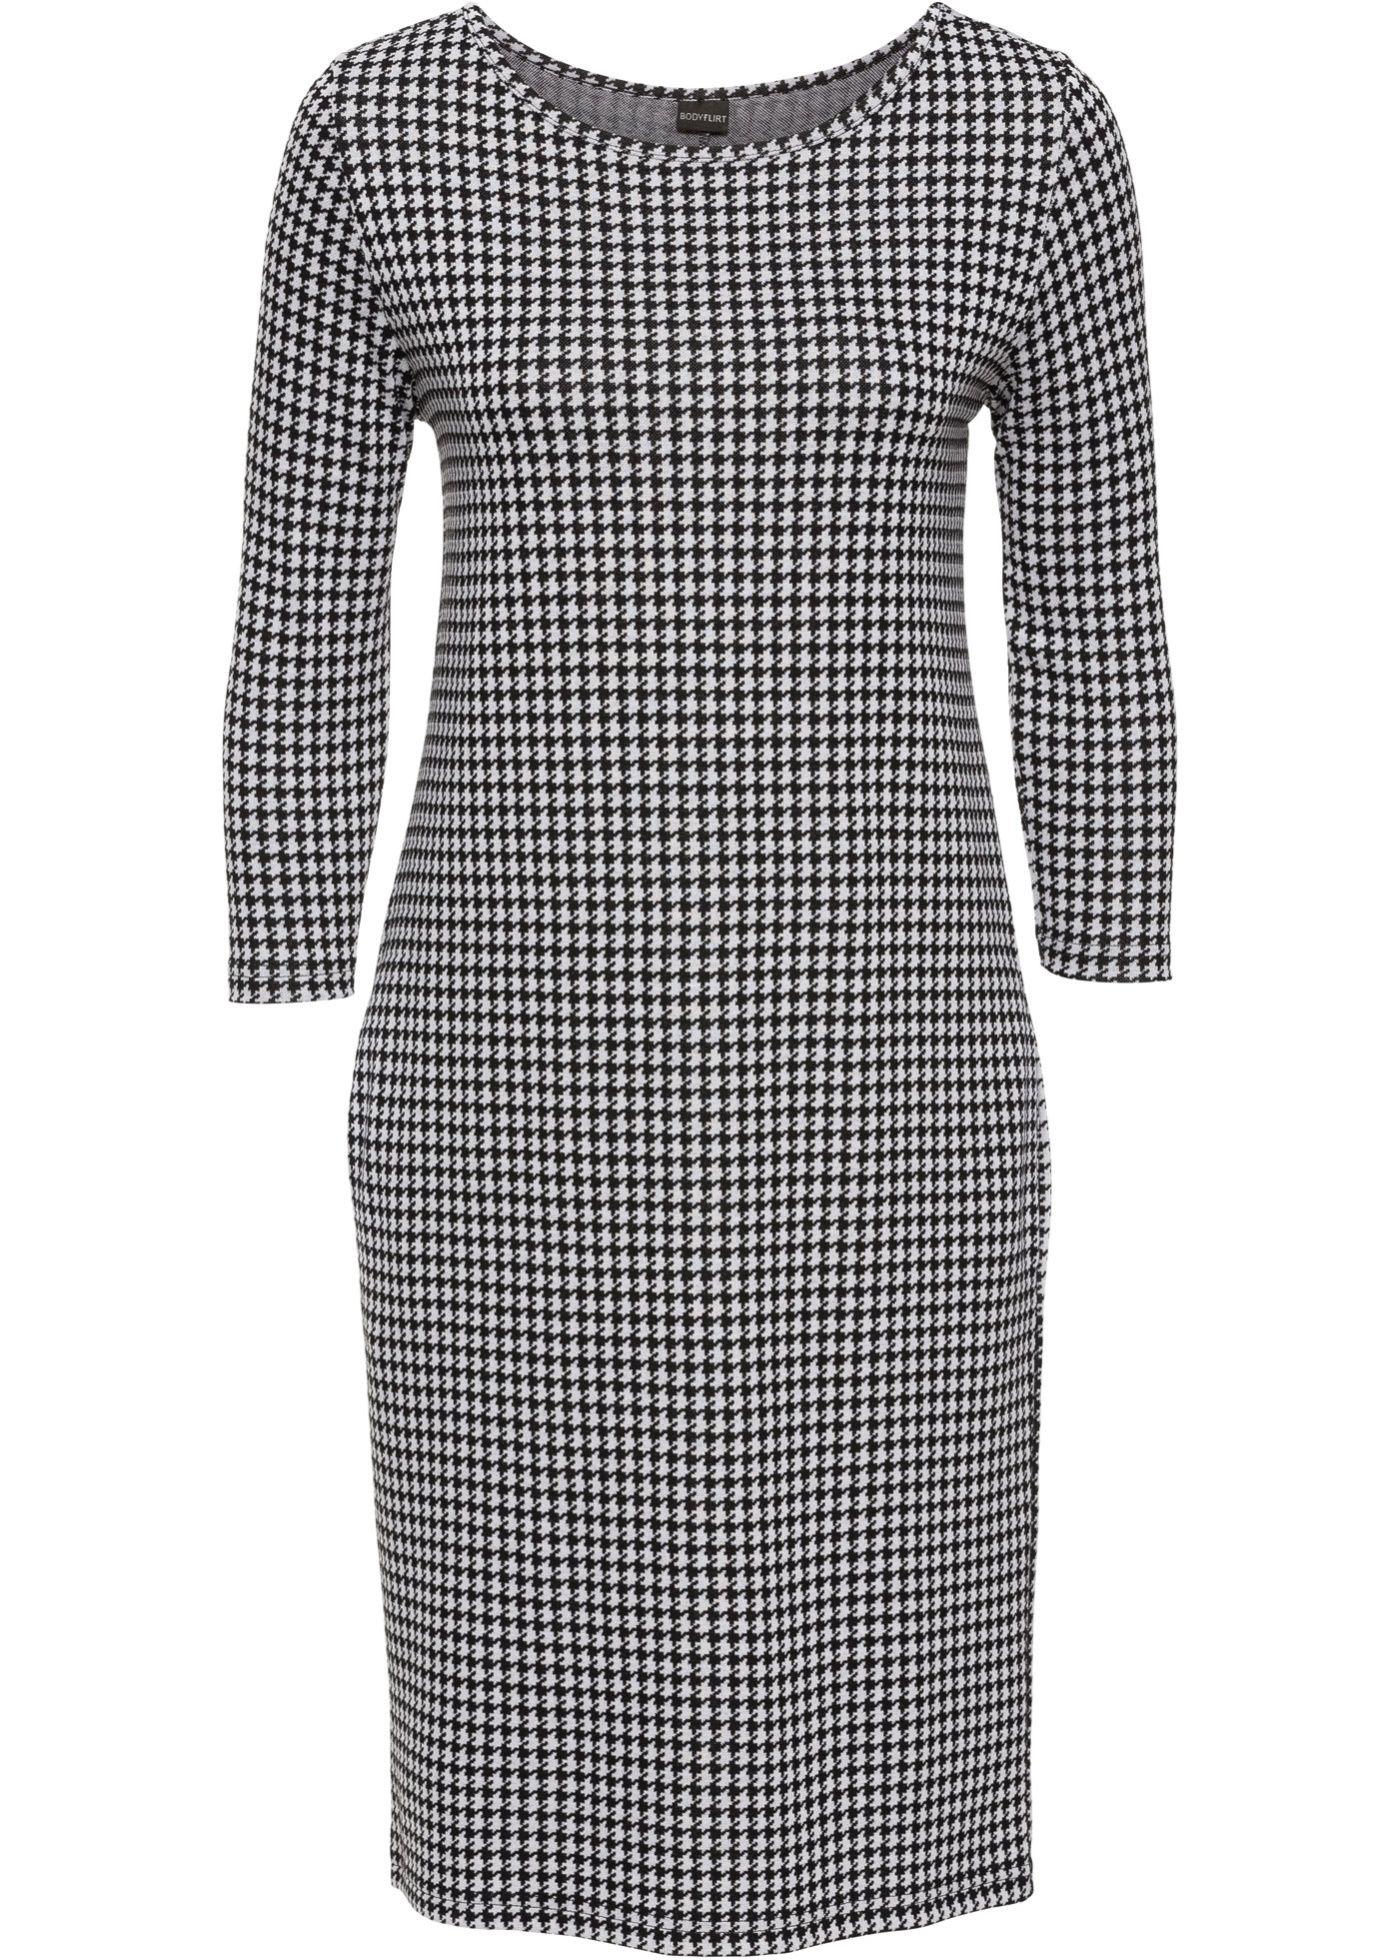 8a6bbb36983 Платье черный белый с узором - Для женщин - BODYFLIRT - bonprix.ru ...